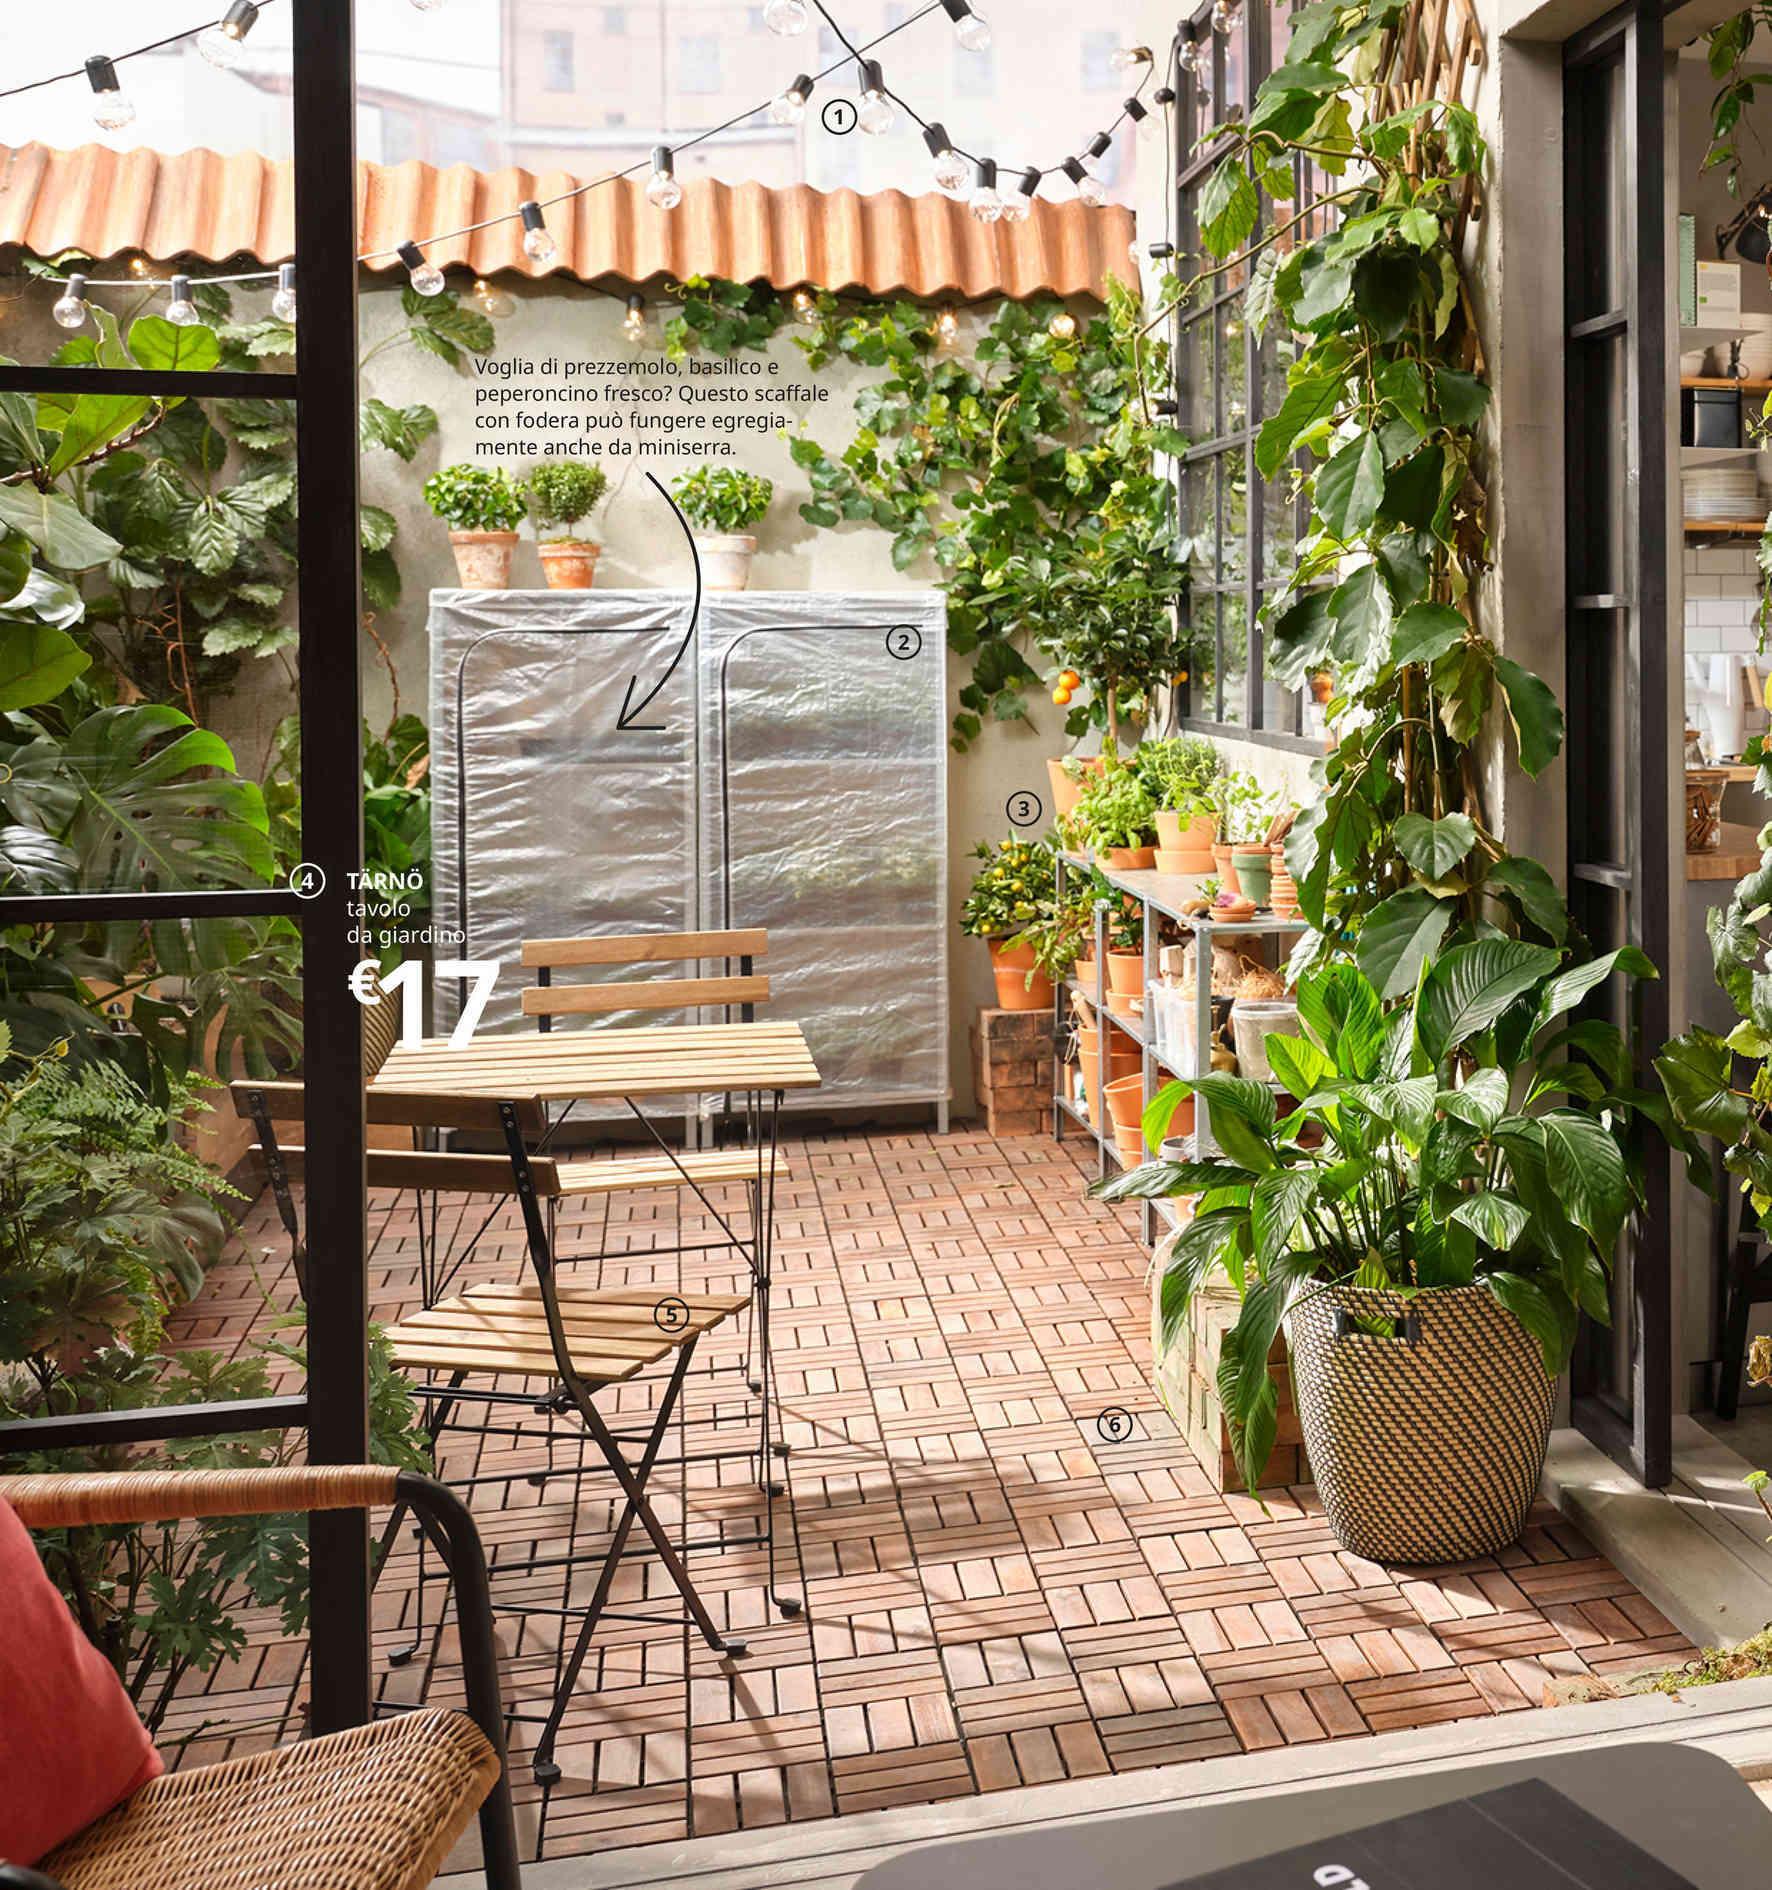 Offerte Tavoli Da Giardino Nel Volantino Prezzi Negozio Promoqui